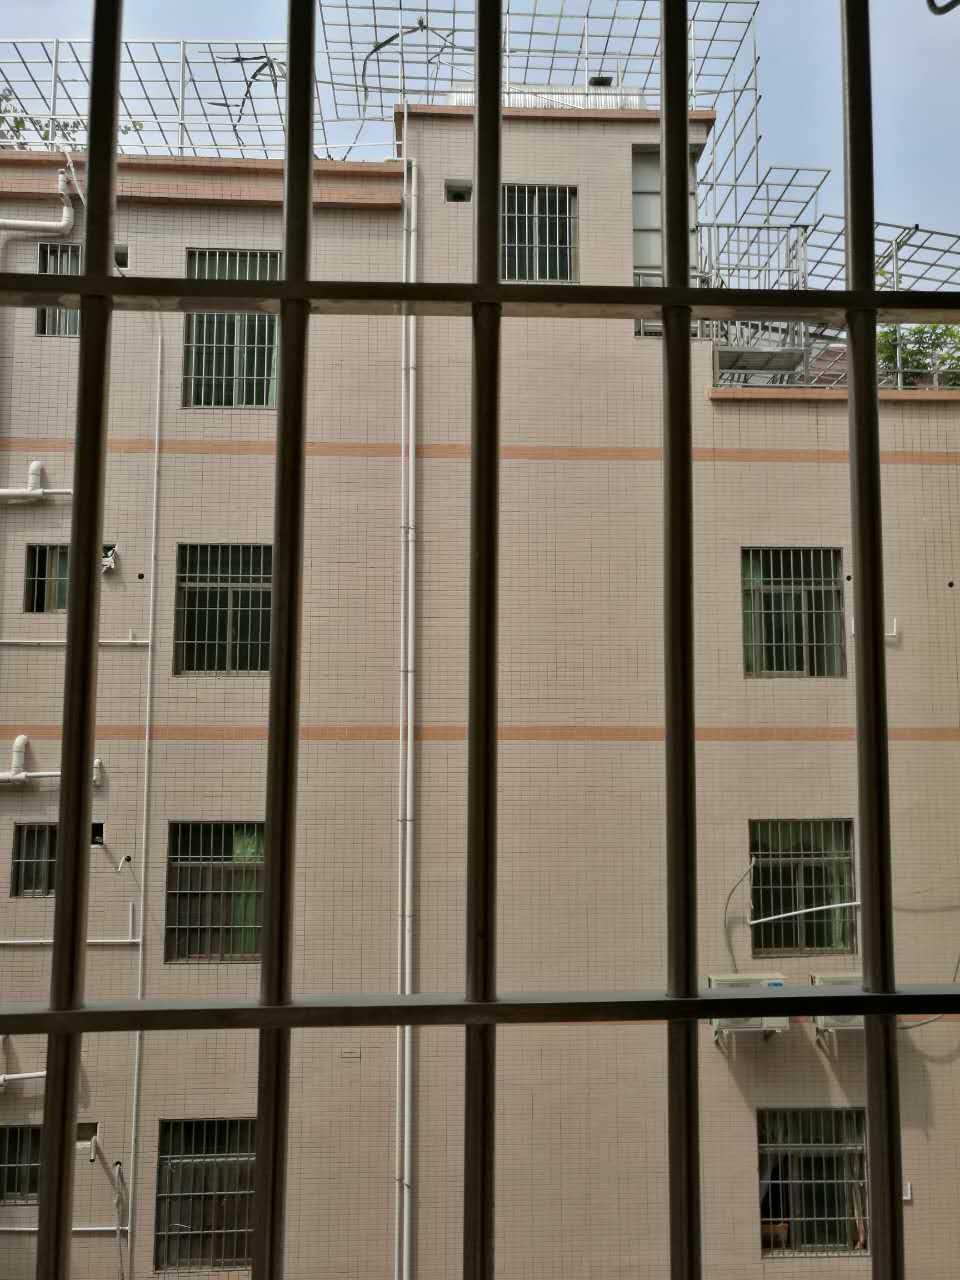 深圳小产权房单身公寓出售,公明上村全新装修 房地产 公寓 不动产 一房一厅 第8张